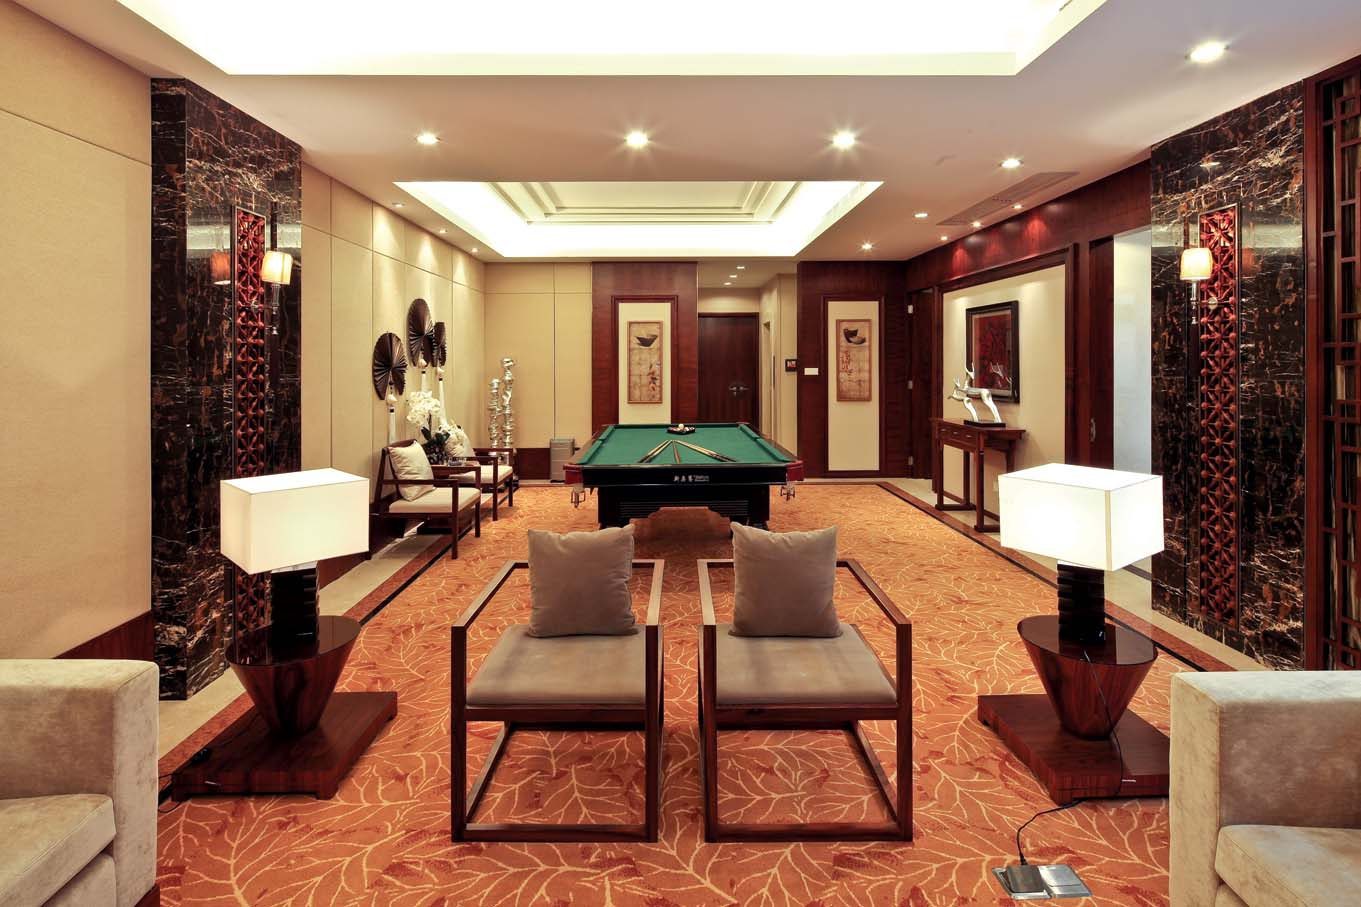 新中式 中式风格 室内设计 装修风格 装修设计 其他图片来自别墅装修设计yan在新中式风格首创国际半岛的分享